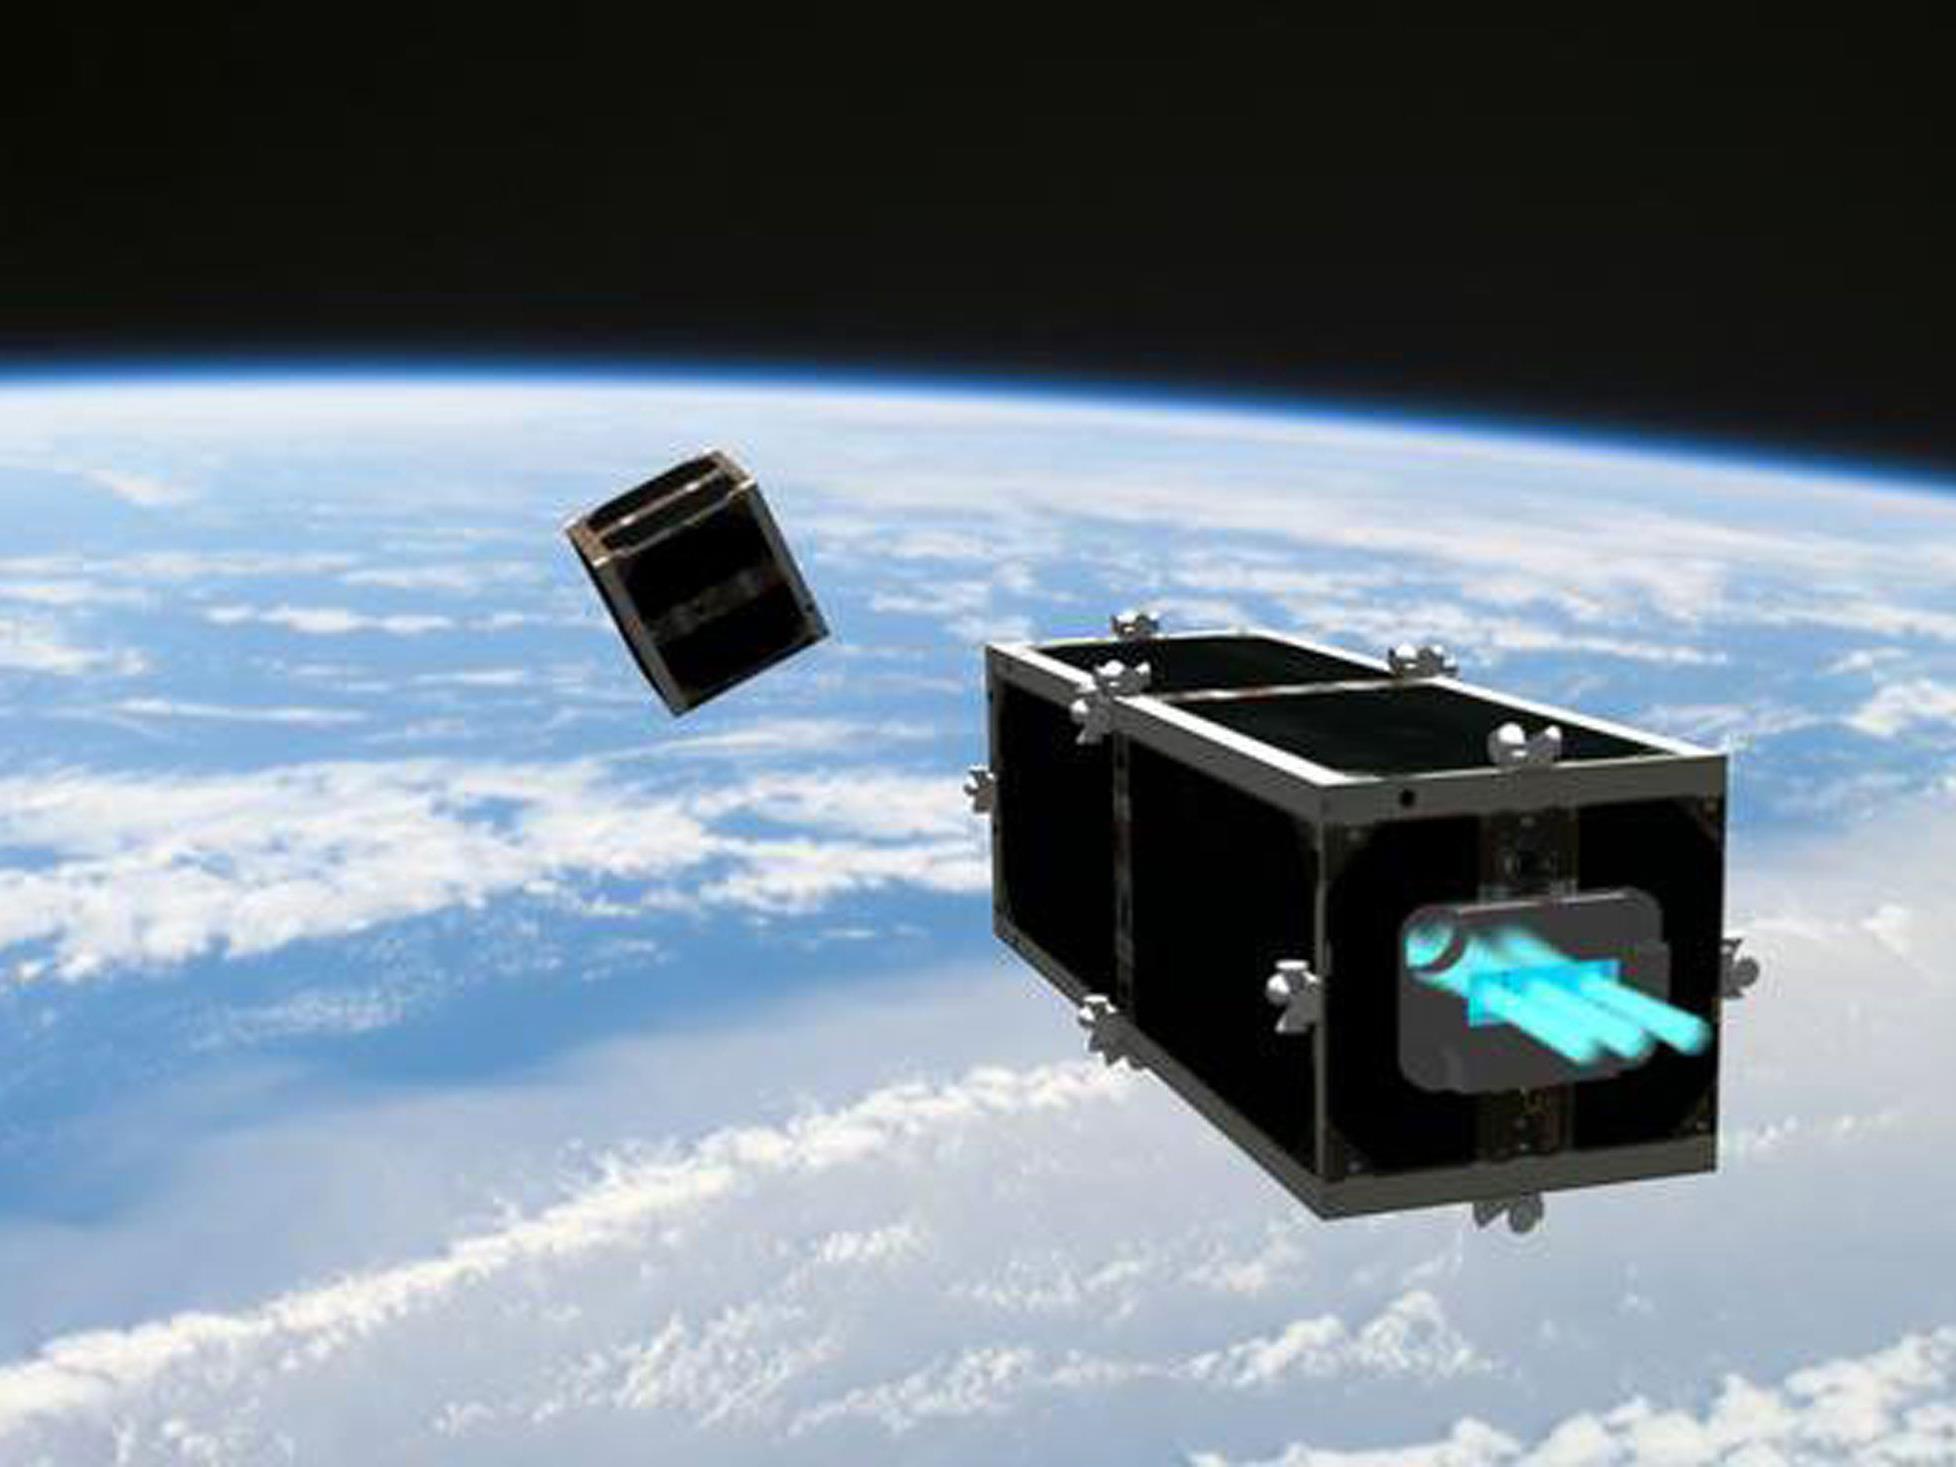 Der Weltraumreinigungssatellit CleanSpace One dürfte auch mit dem Ionen-Mikromotor ausgerüstet werden.